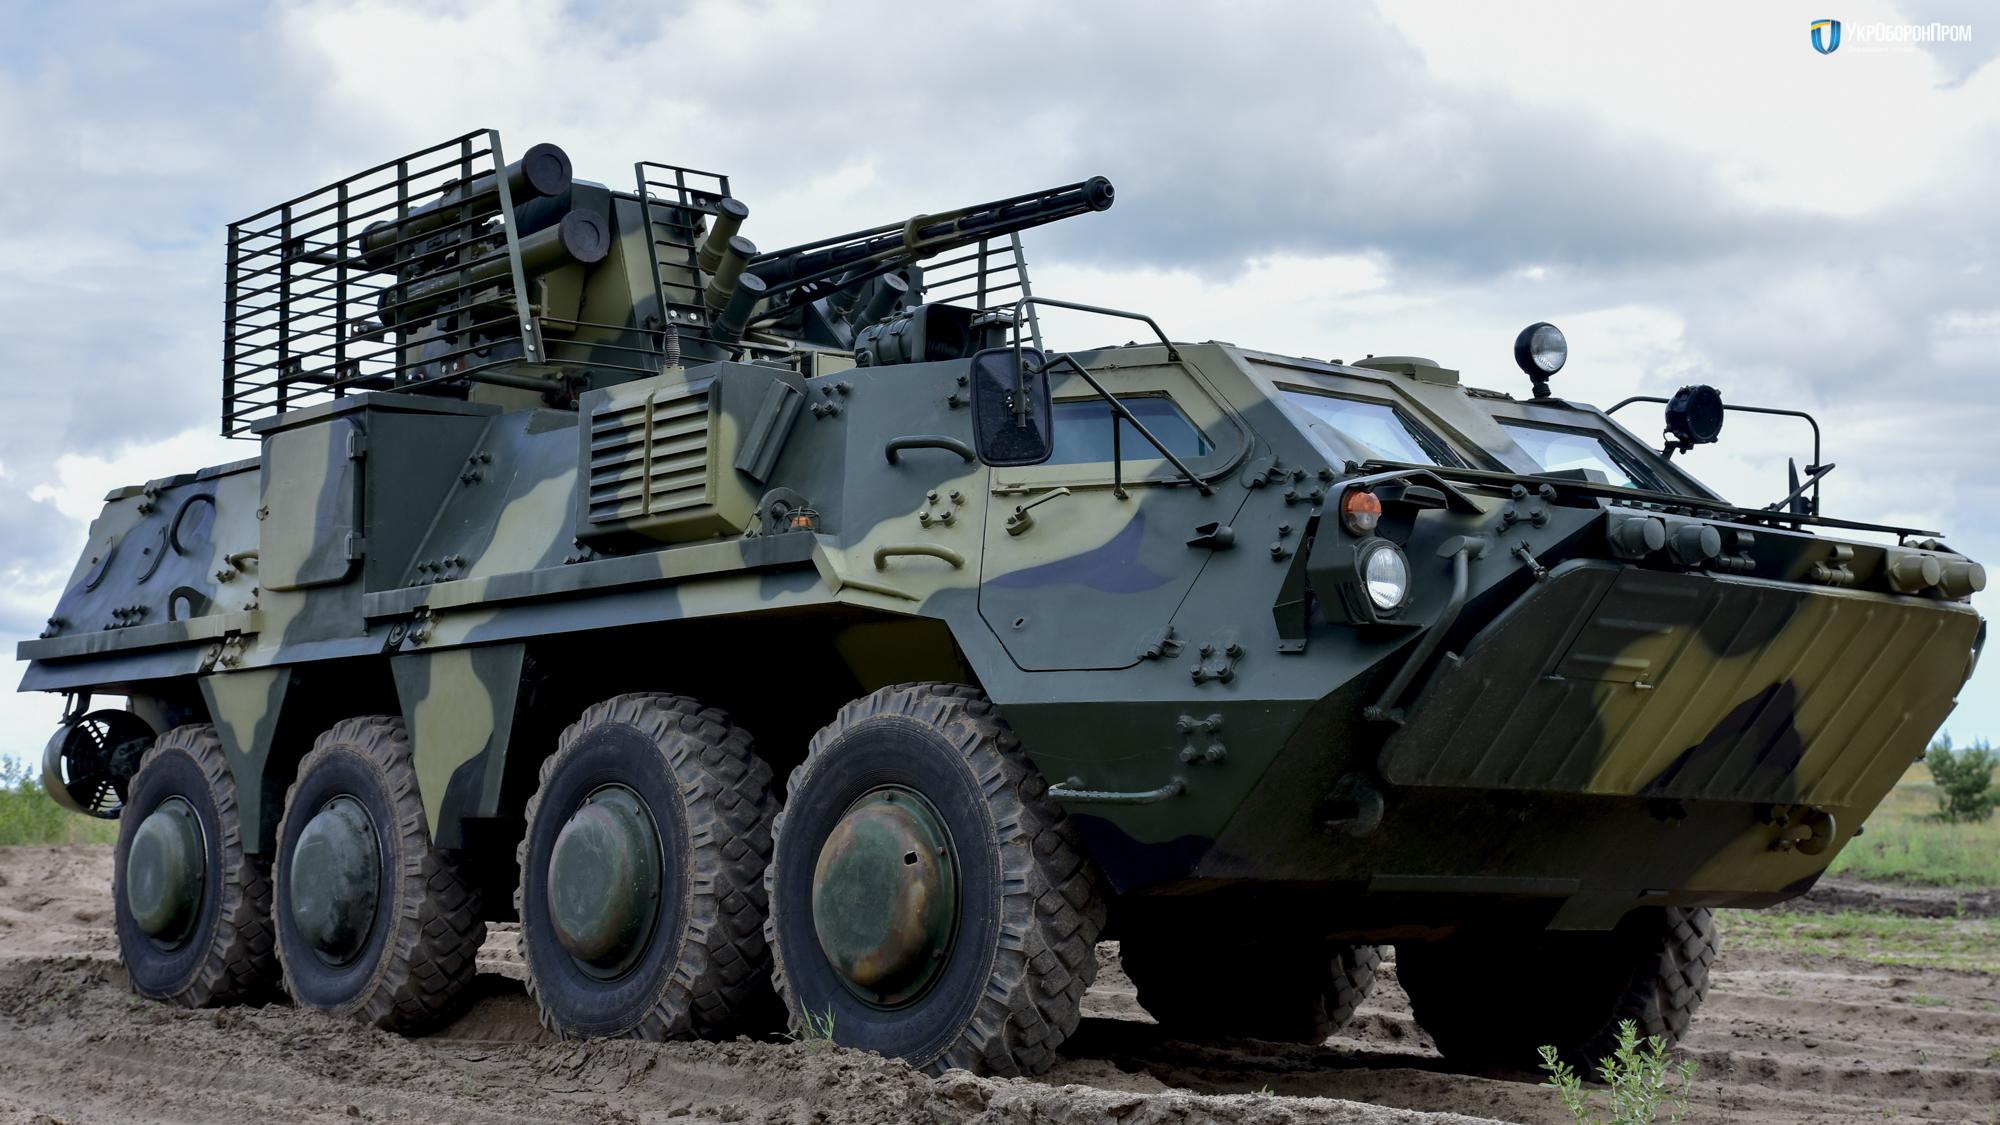 Министерство обороны Украины обвиняет ХКБМ в срыве серийного производства бронетранспортеров БТР-4Е